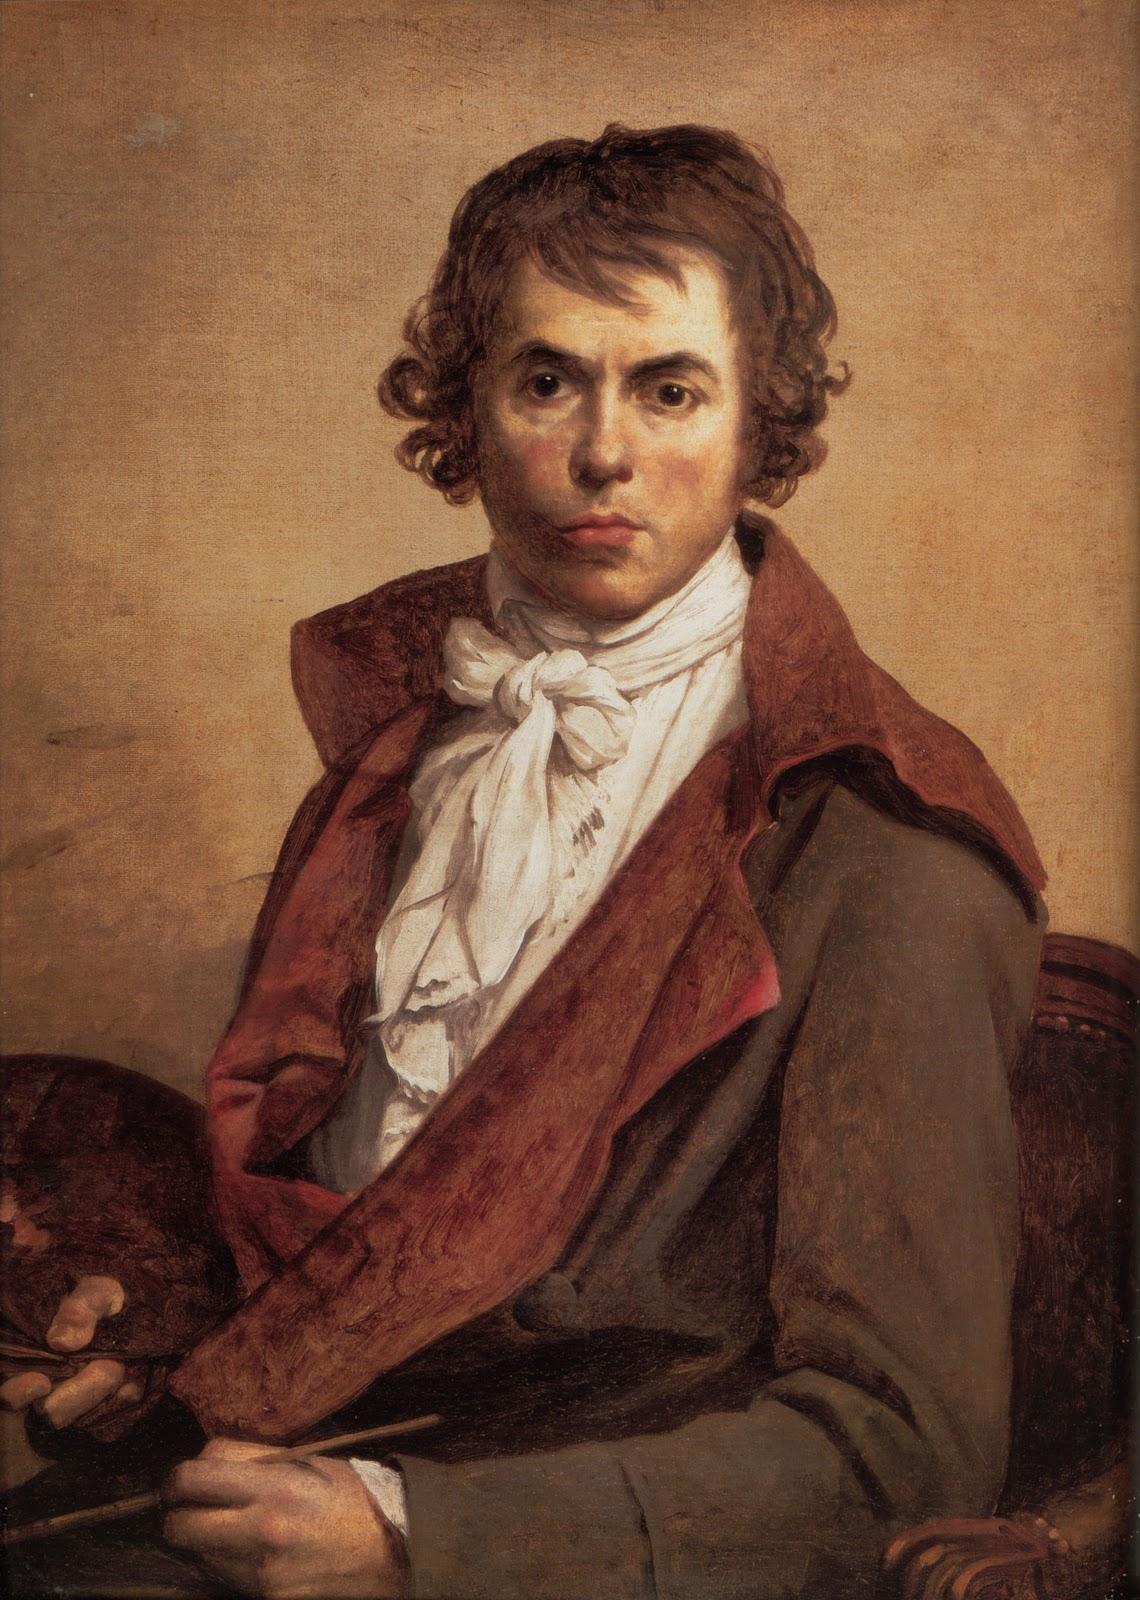 Autorretrato. óleo sobre tela. 80,5 x 64,1 cm. 1794